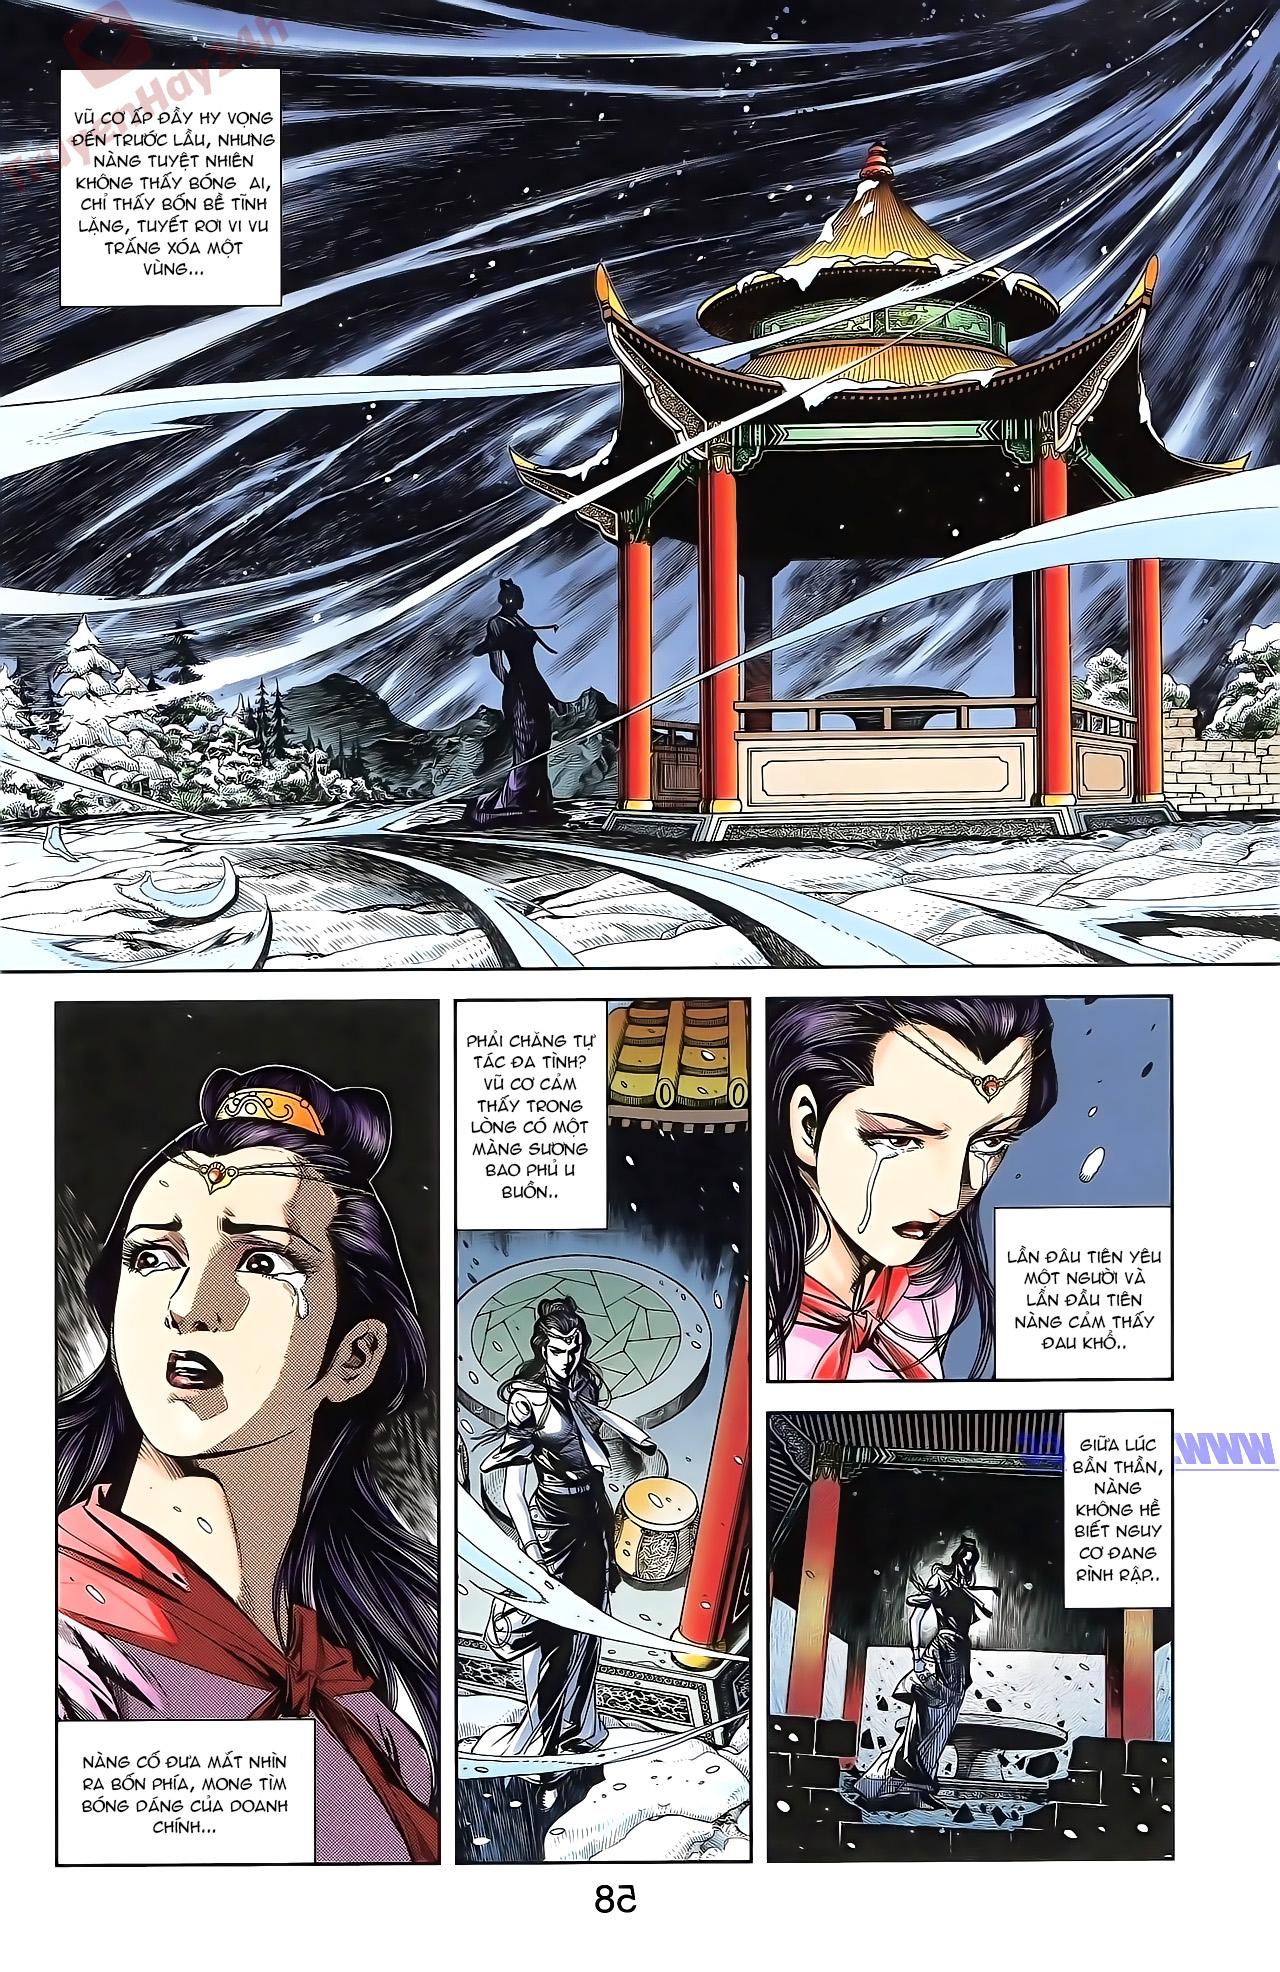 Tần Vương Doanh Chính chapter 51 trang 25